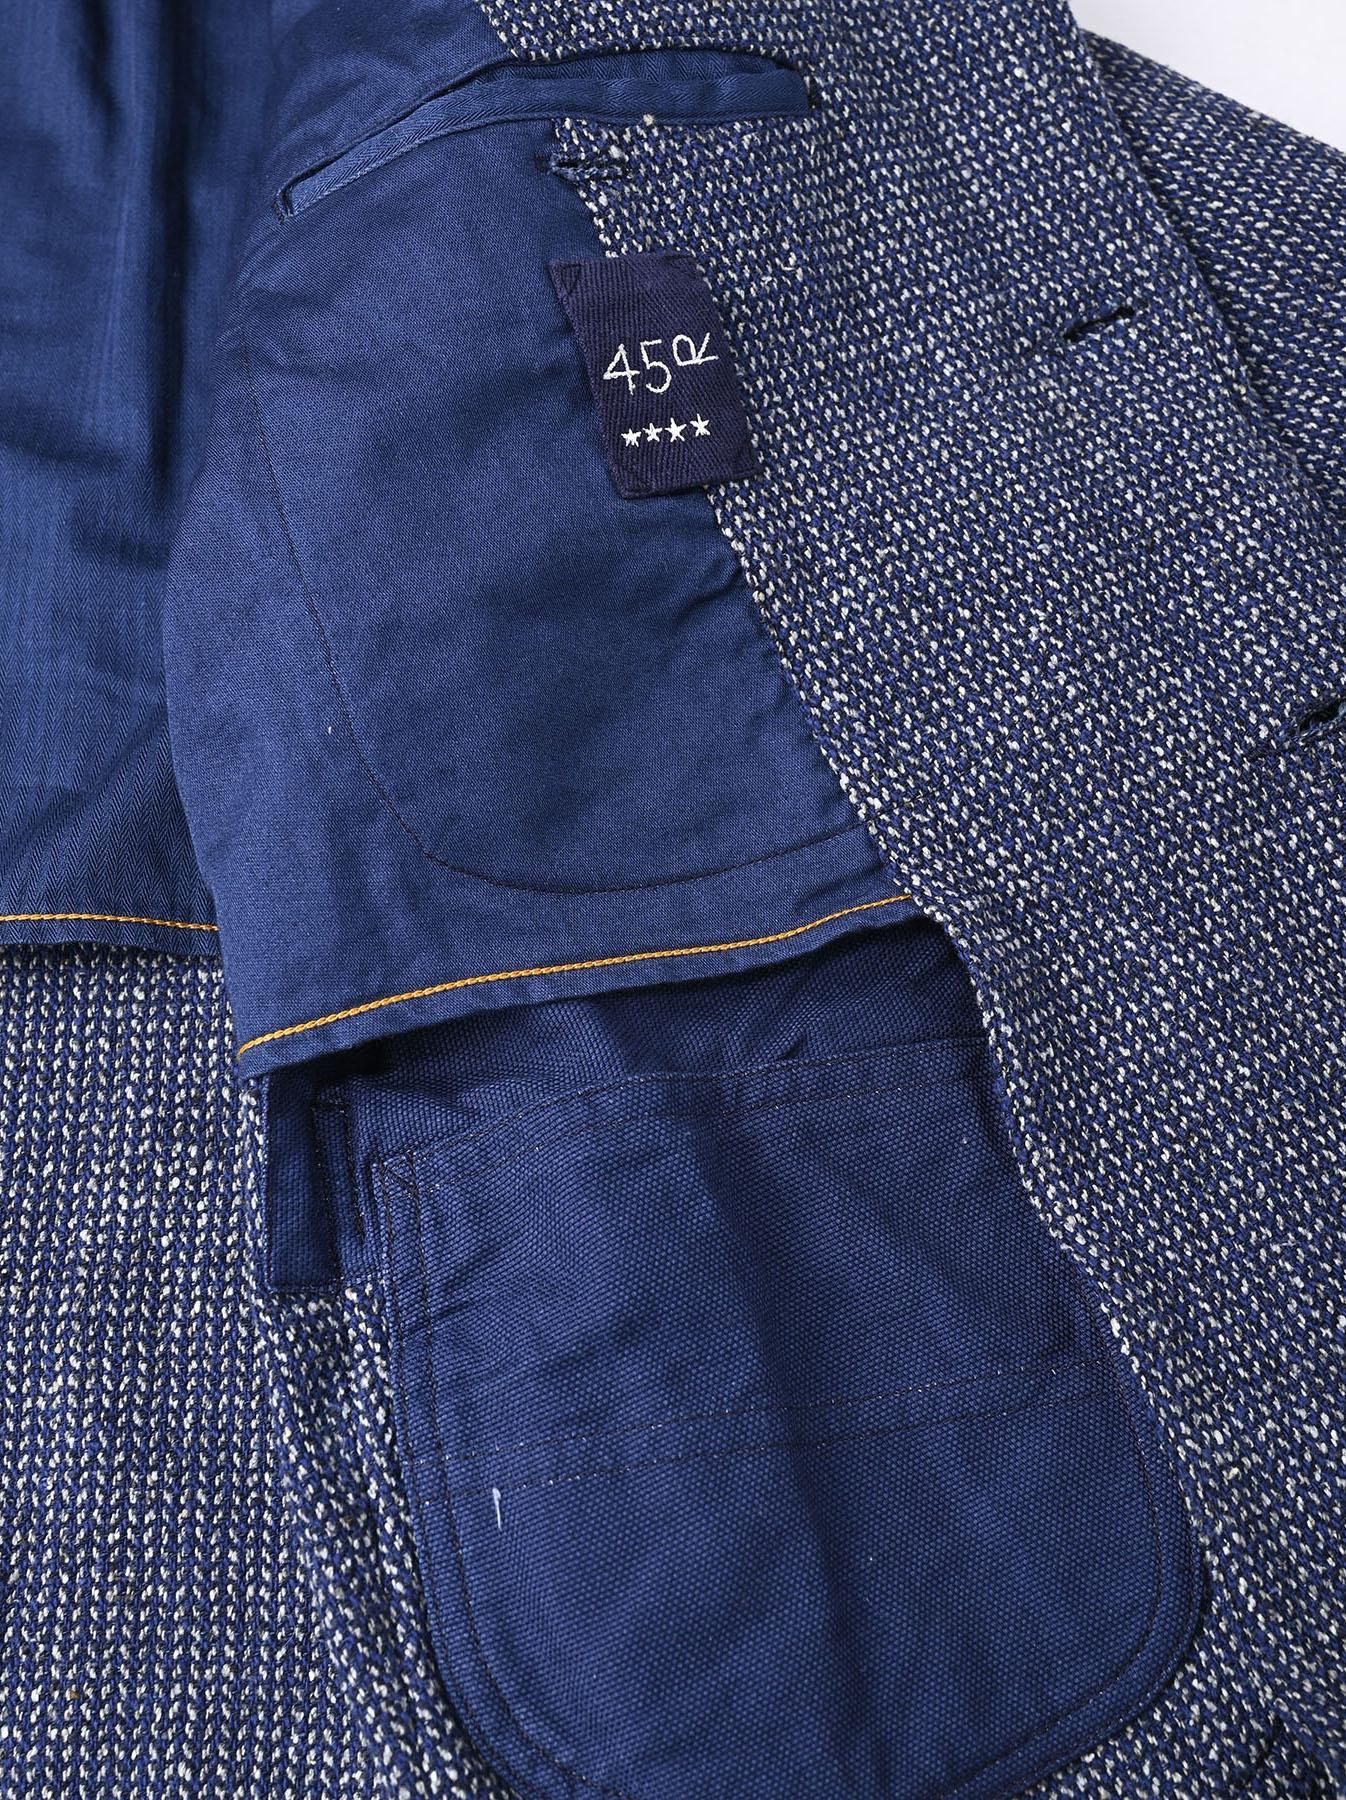 Homespun Indigo Cotton Tweed Asama Jacket-12